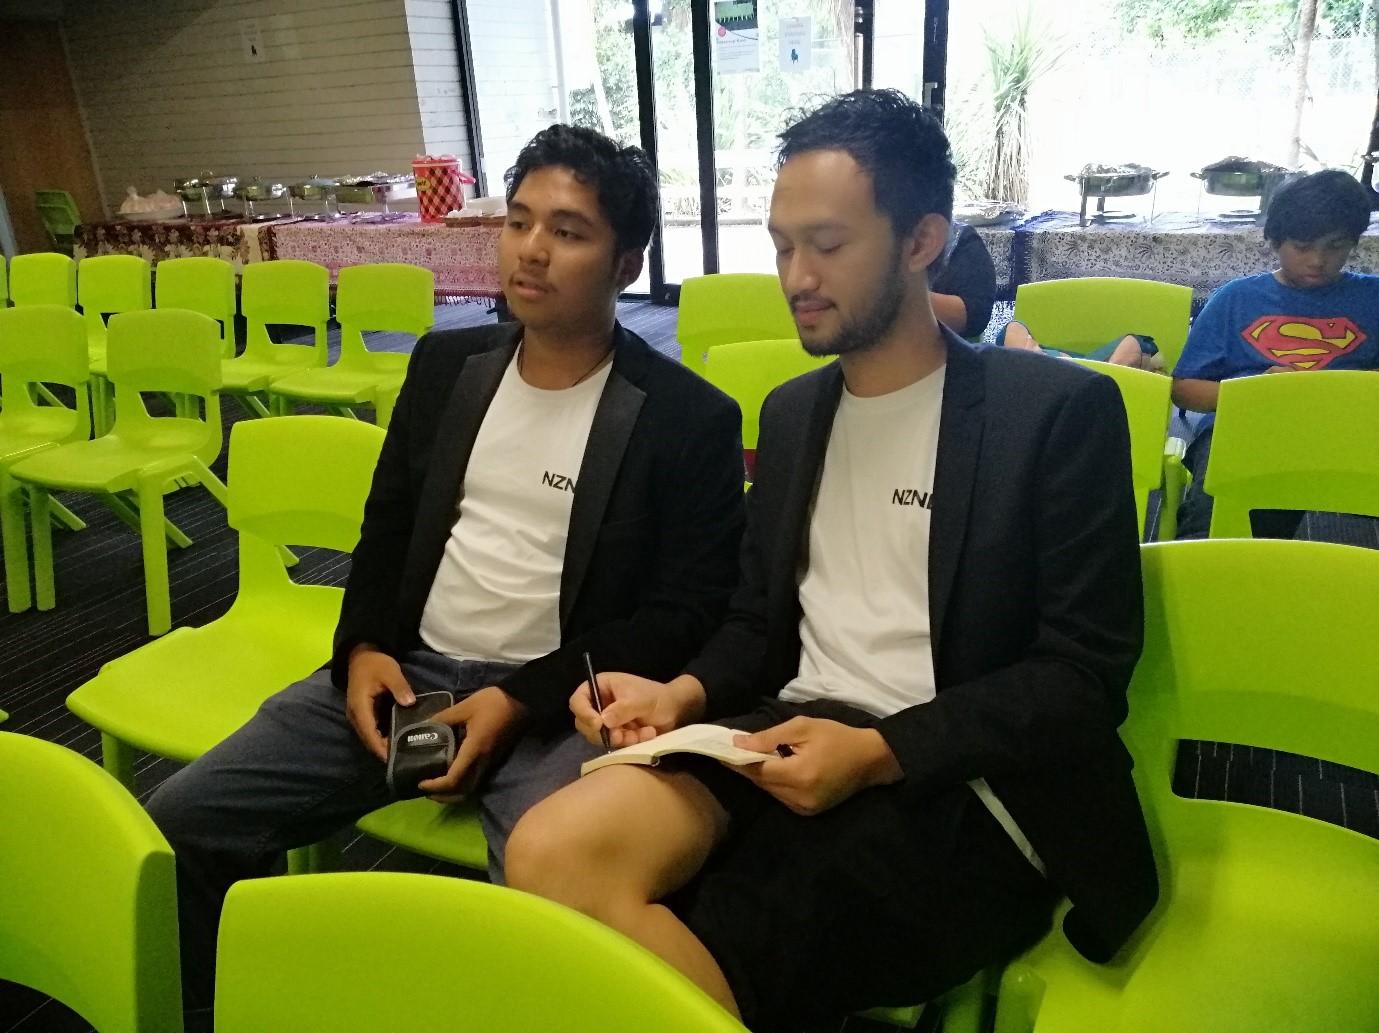 Naufal Haritsyah (kiri) dan Irawan (kanan) saat meliput konten untuk nznesia